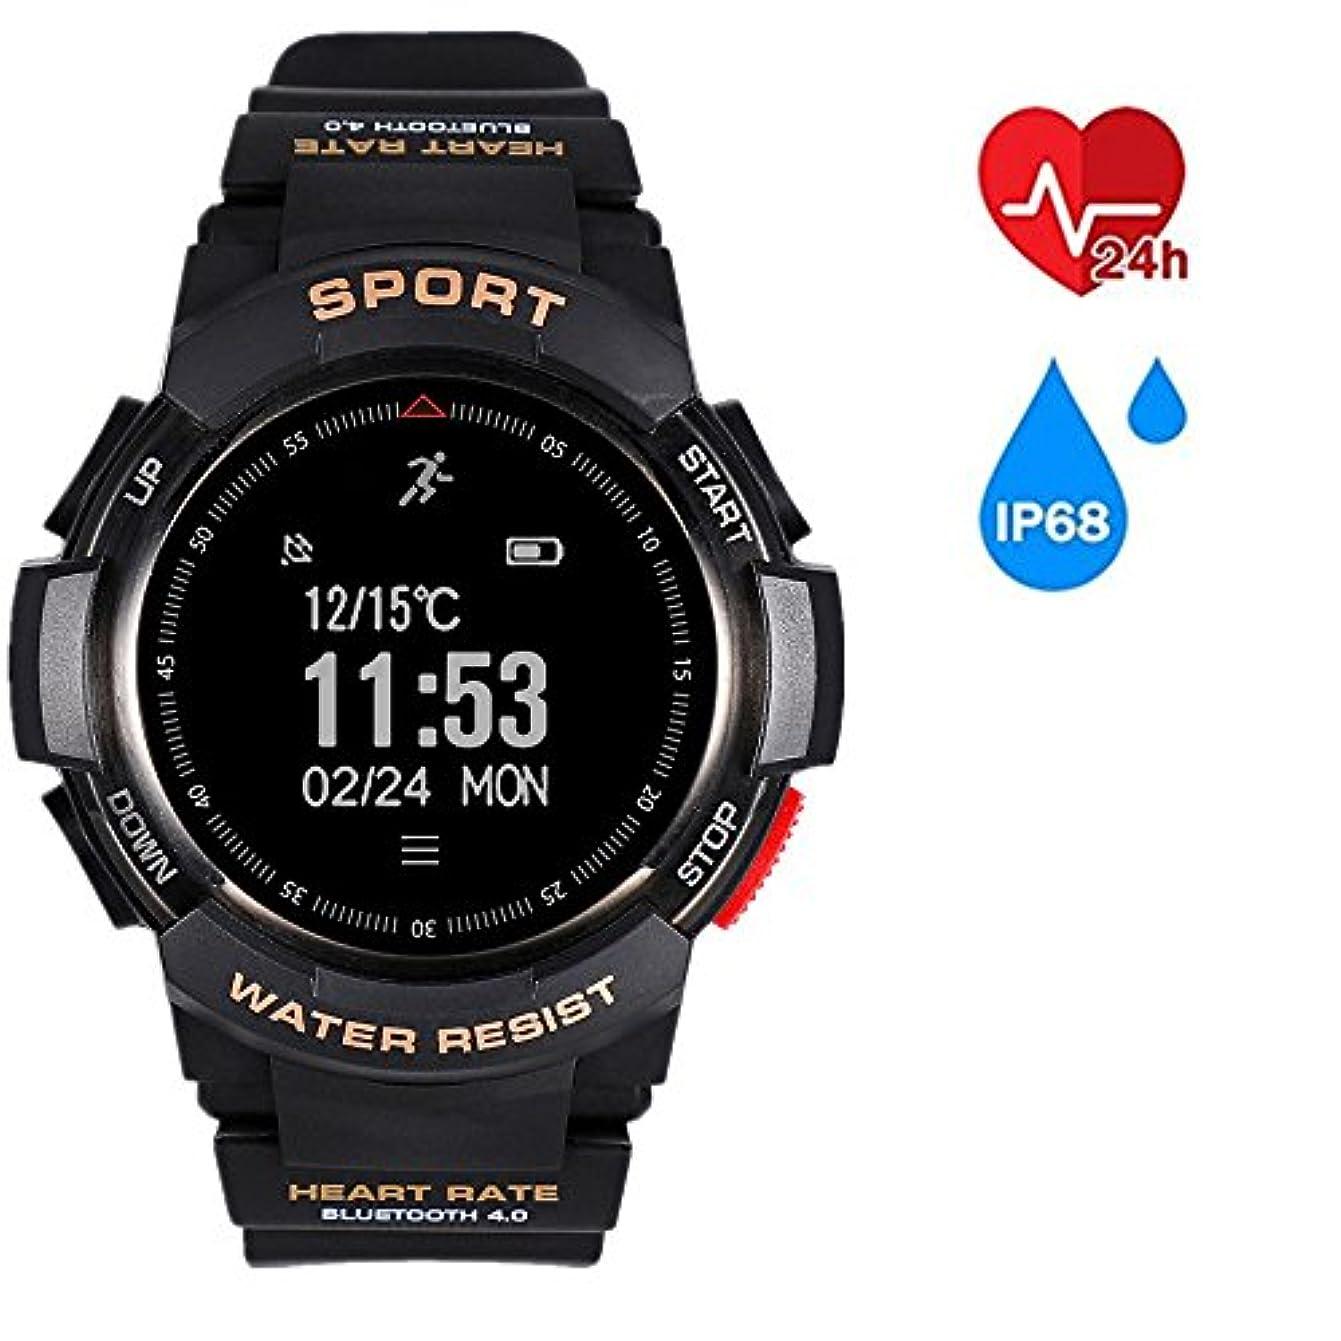 レルム印象派エトナ山f6 Bluetooth 4.0スマートリストバンドハートレートモニター歩数計ip68スポーツスマートウォッチスポーツブレスレット腕時計インテリジェント ブラック